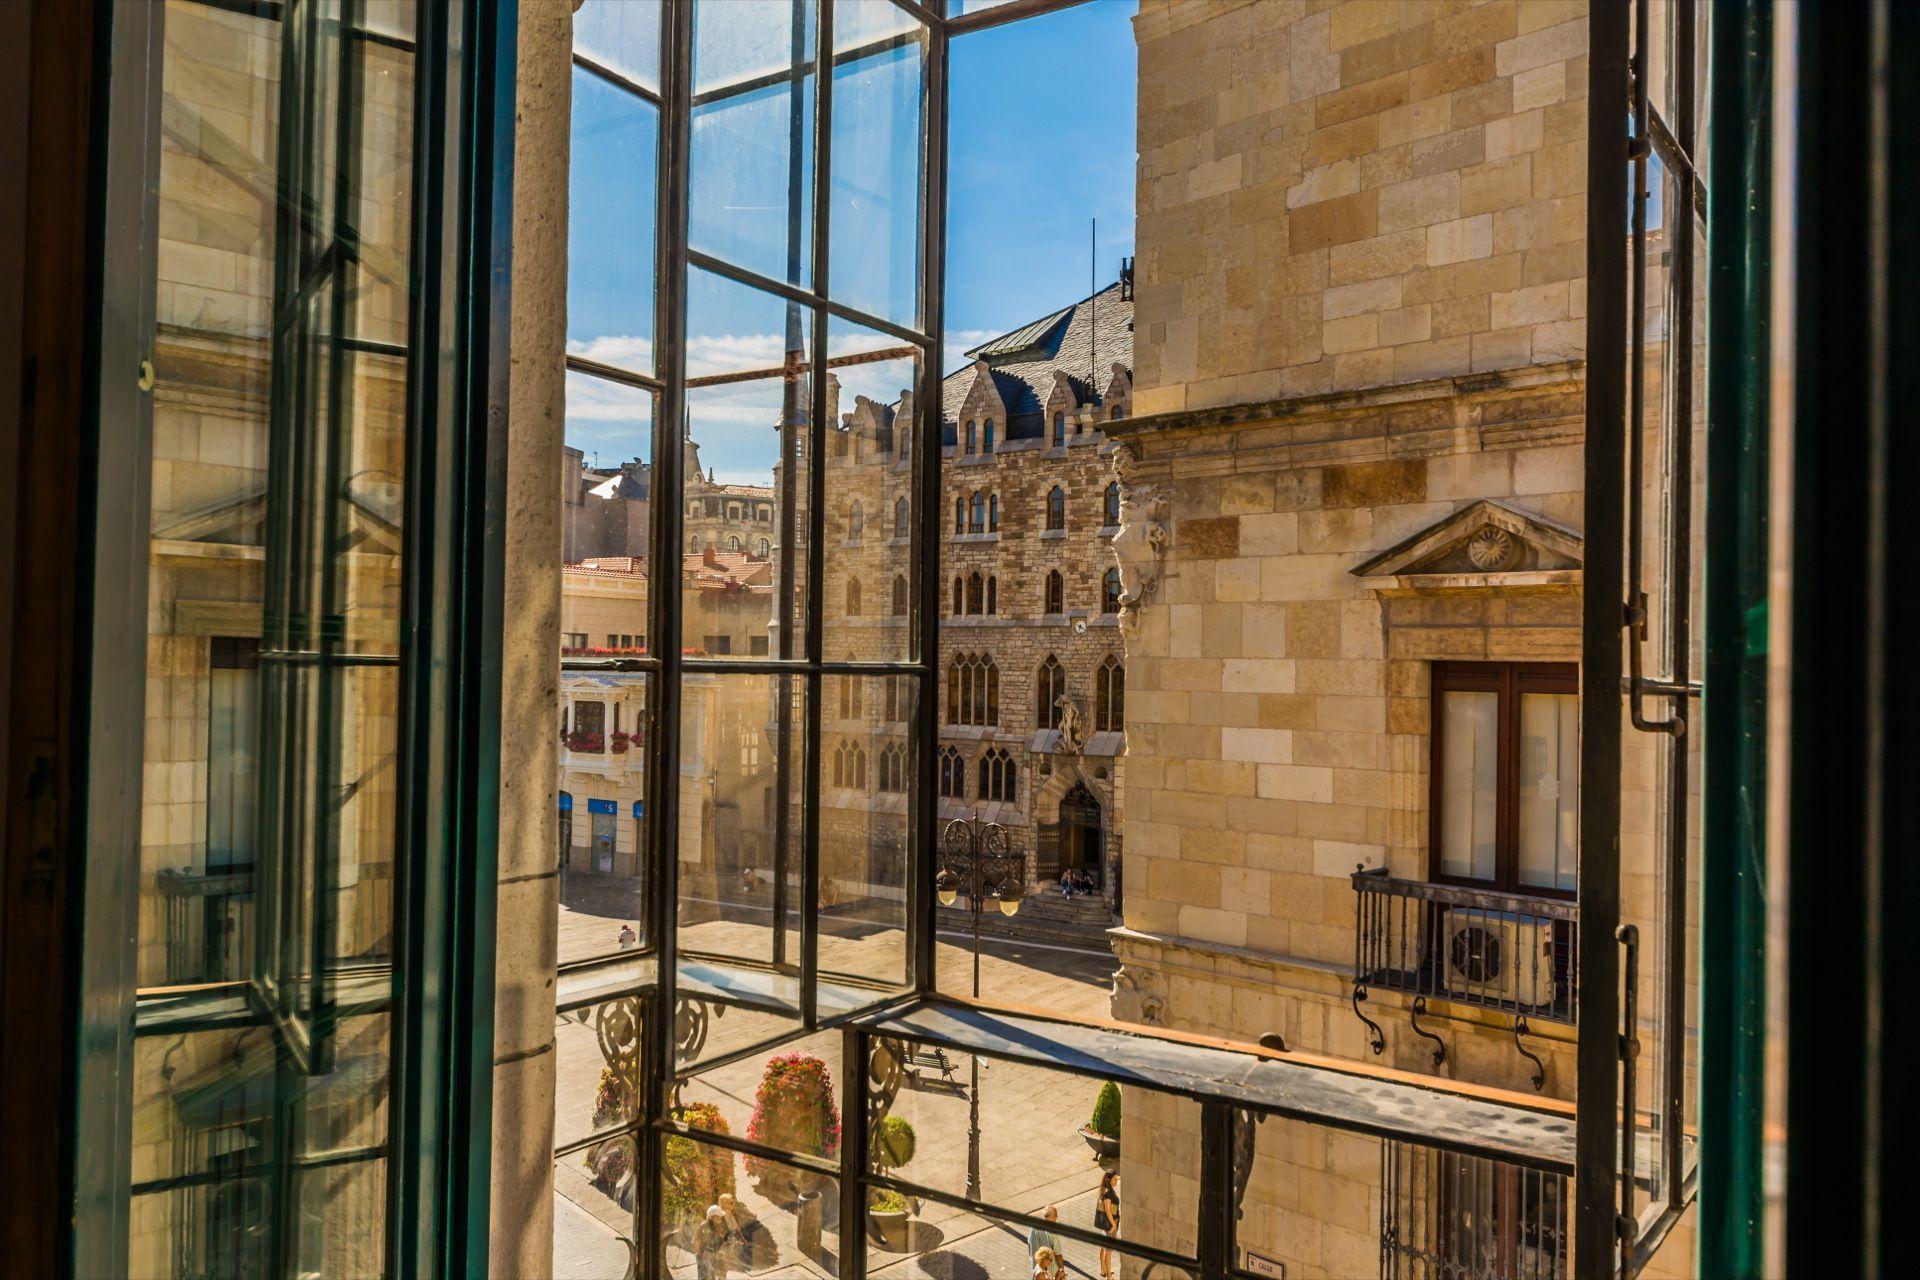 Hostel en el centro histórico de León